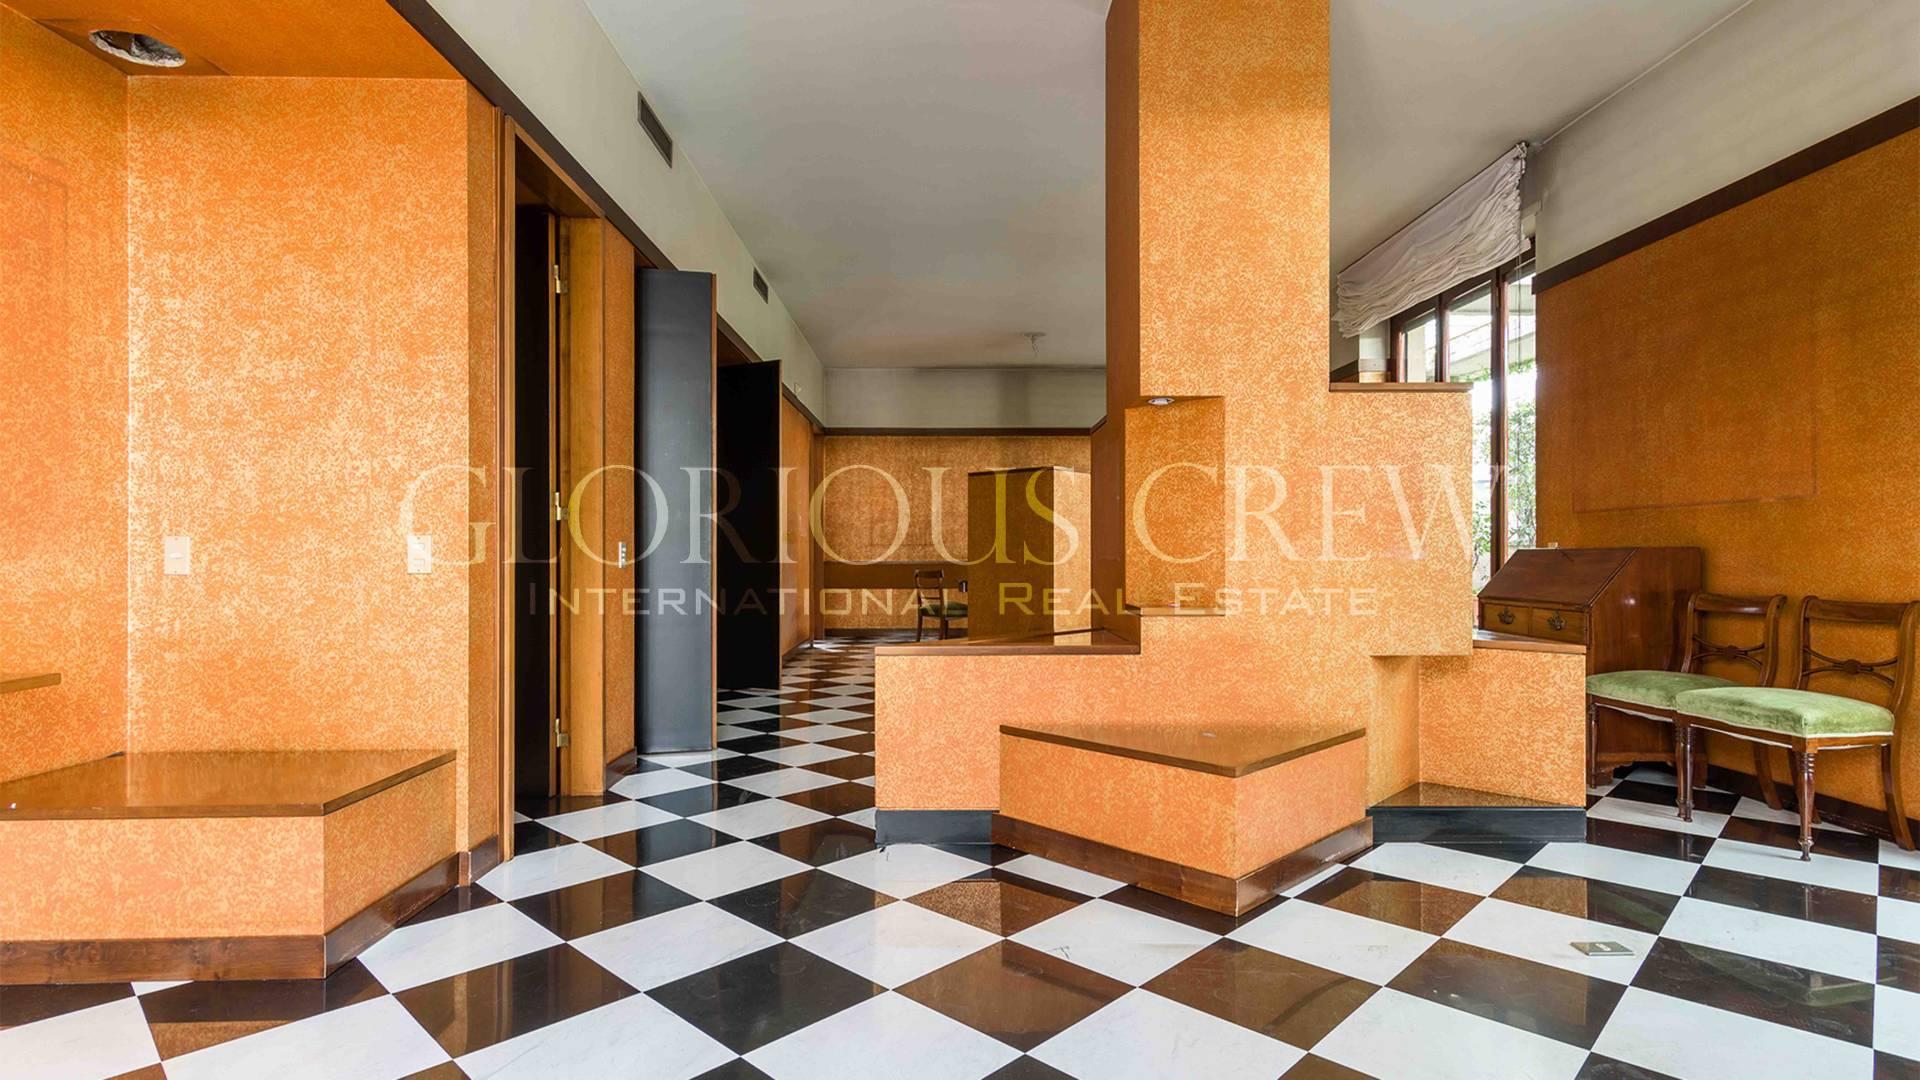 Appartamento in Vendita a Milano: 5 locali, 285 mq - Foto 8